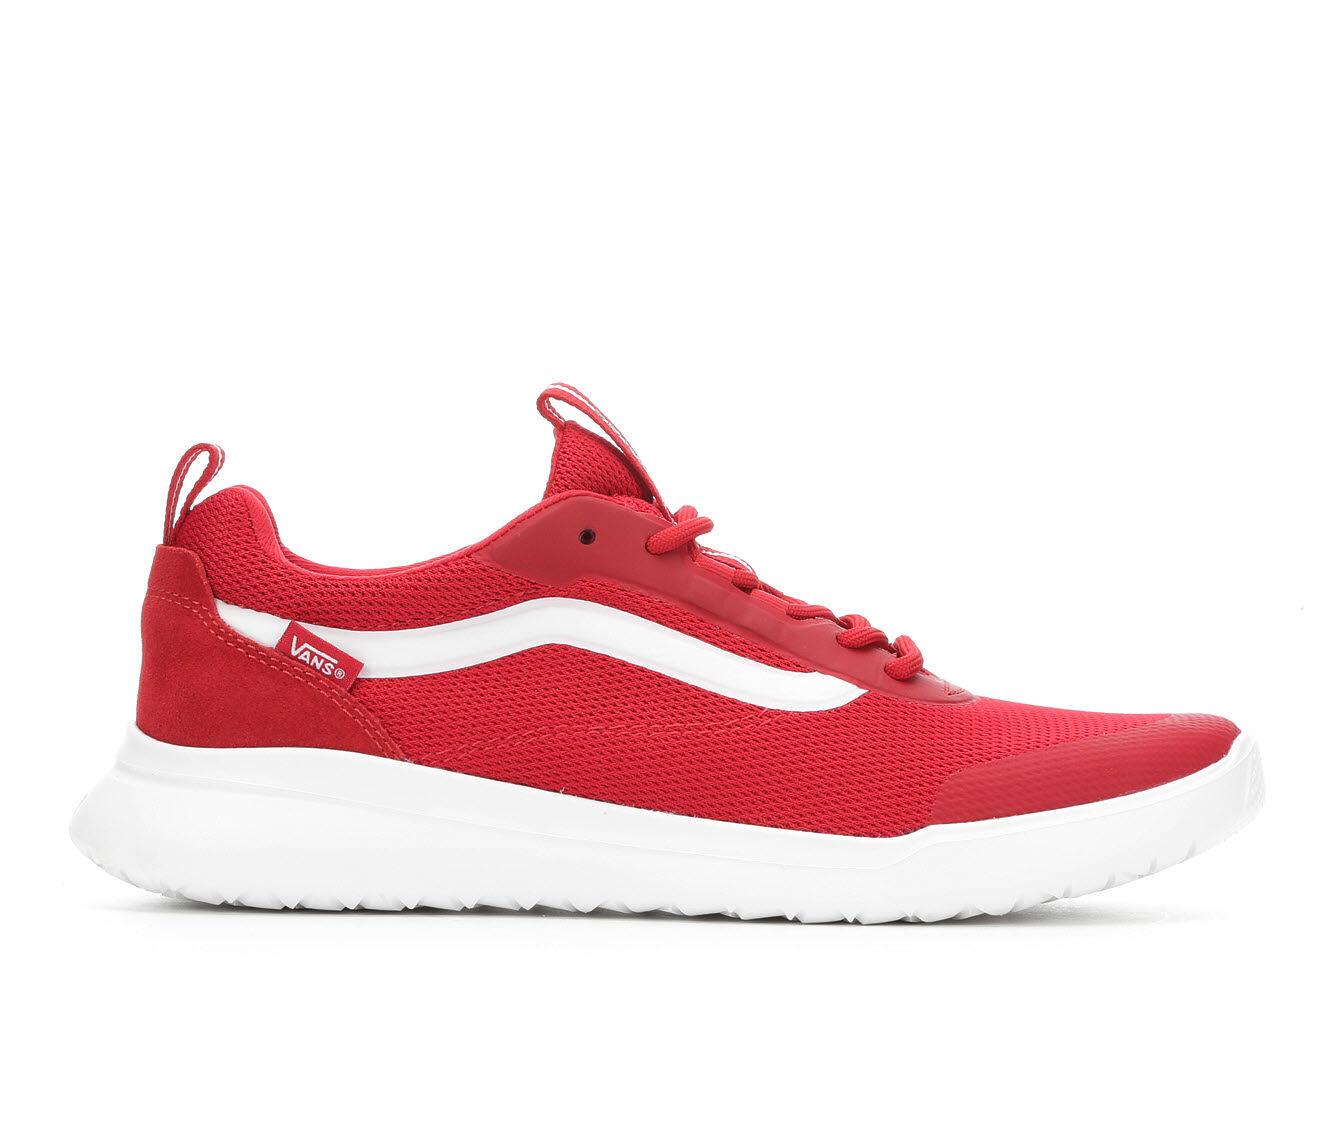 Men's Vans Cerus RW-M Skate Shoes Red/Wht